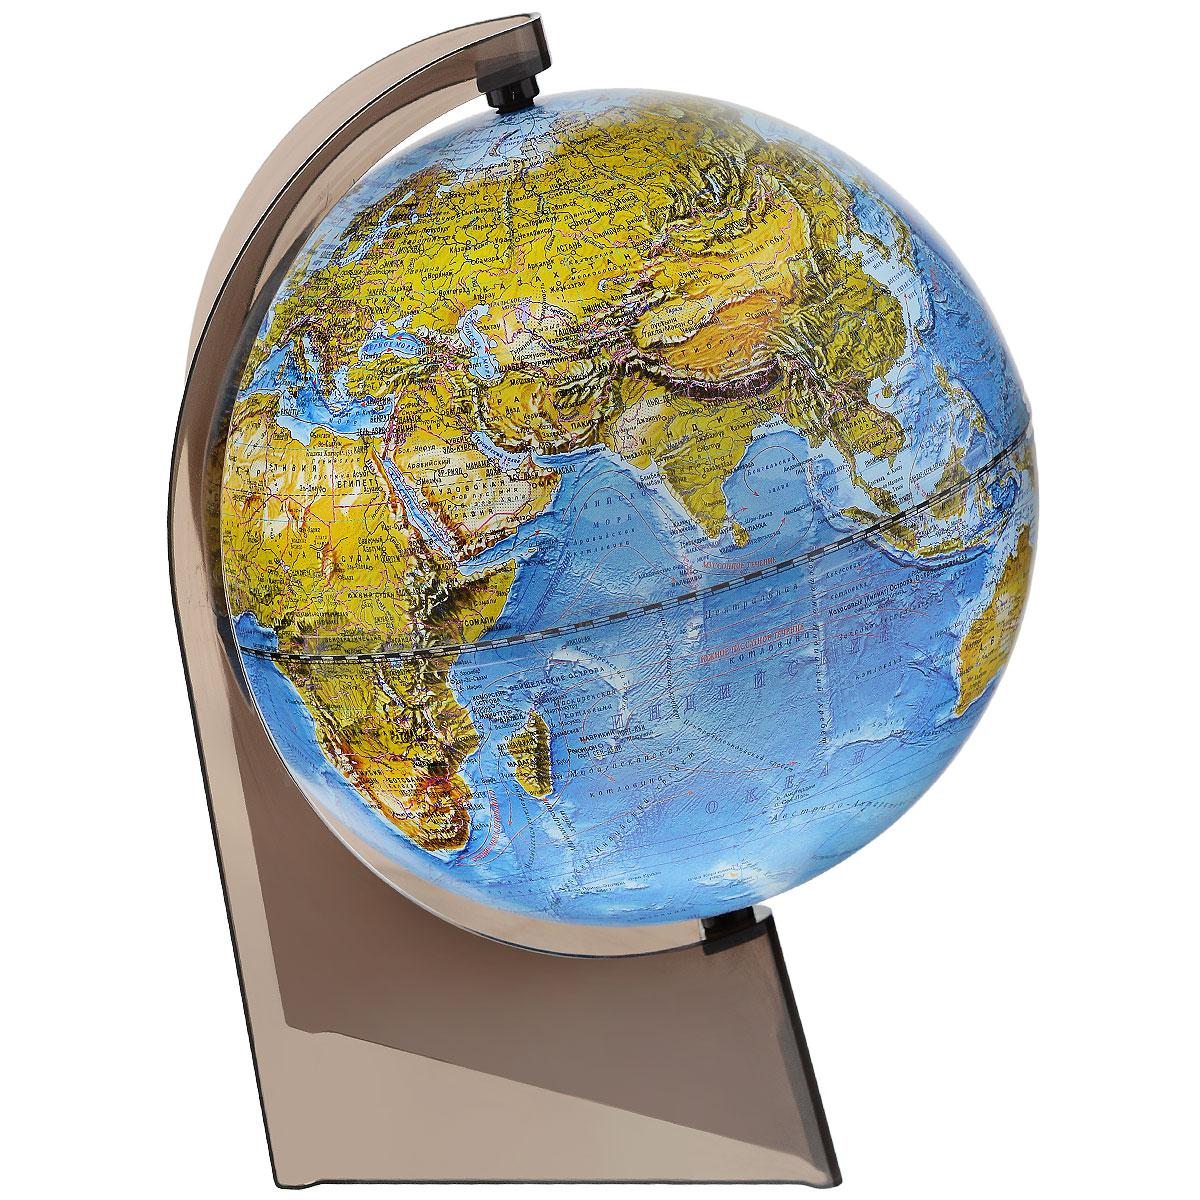 Глобусный мир Глобус ландшафтный диаметр 21 смFS-00897Ландшафтный глобус Глобусный мир, изготовленный из высококачественного прочного пластика.Данная модель предназначена для ознакомления с особенностями ландшафта нашей планеты. Помимо этого ландшафтный глобус обладает приятной цветовой гаммой. Глобус дает представление о местоположении материков и океанов, на нем можно рассмотреть особенности ландшафта нашей планеты (рельефы местности, леса, горы, реки, моря, структуру дна океанов, рельеф суши), можно увидеть графическое изображение географических меридианов и параллелей, гидрографическая сеть, а также крупнейшие населенные пункты. Названия стран на глобусе приведены на русской язык.Настольный ландшафтный глобус Глобусный мир станет оригинальным украшением рабочего стола или вашего кабинета. Это изысканная вещь для стильного интерьера, которая станет прекрасным подарком для современного преуспевающего человека, следующего последним тенденциям моды и стремящегося к элегантности и комфорту в каждой детали.Масштаб: 1:60 000 000.